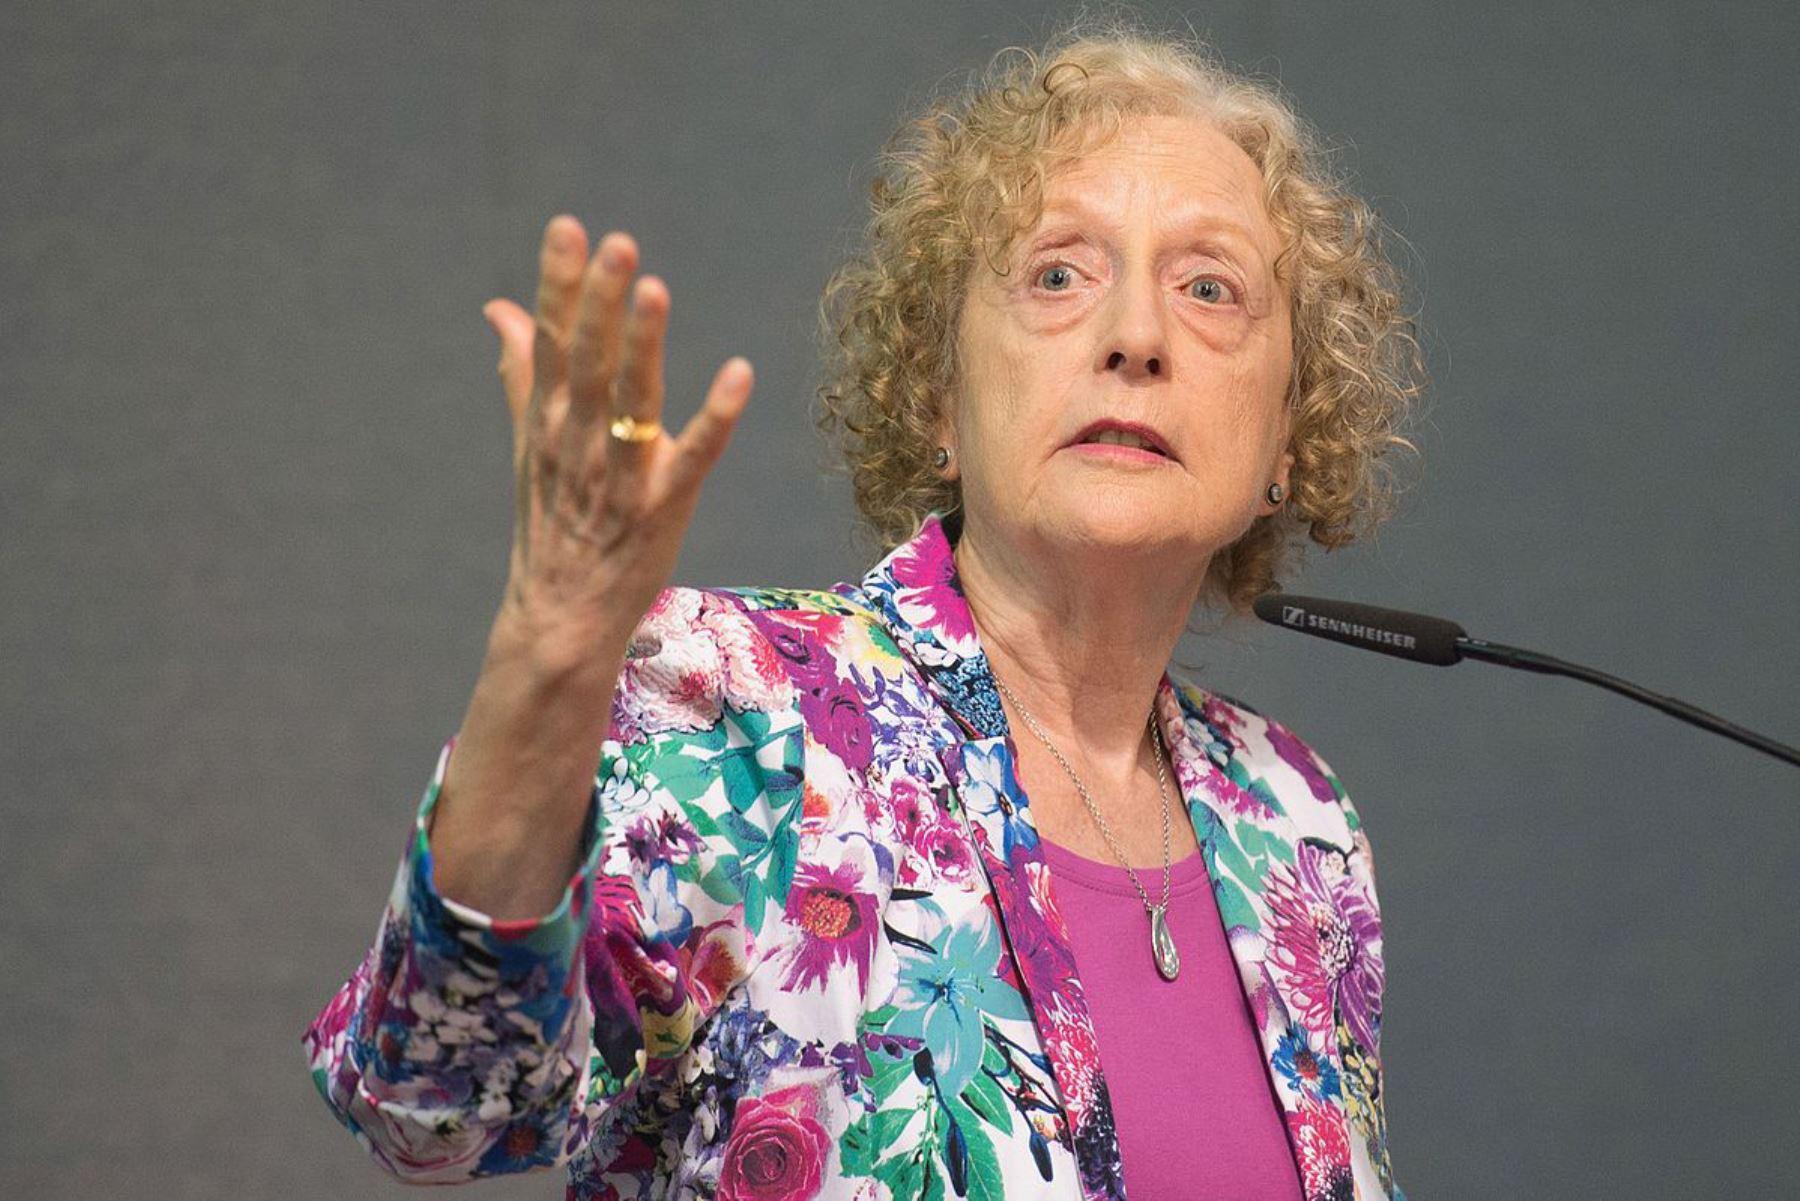 """Carole Pateman (Política y feminista). """"La construcción patriarcal de la diferencia entre la masculinidad y la feminidad es la diferencia política entre la libertad y el sometimiento"""". Foto: Wilkipedia"""